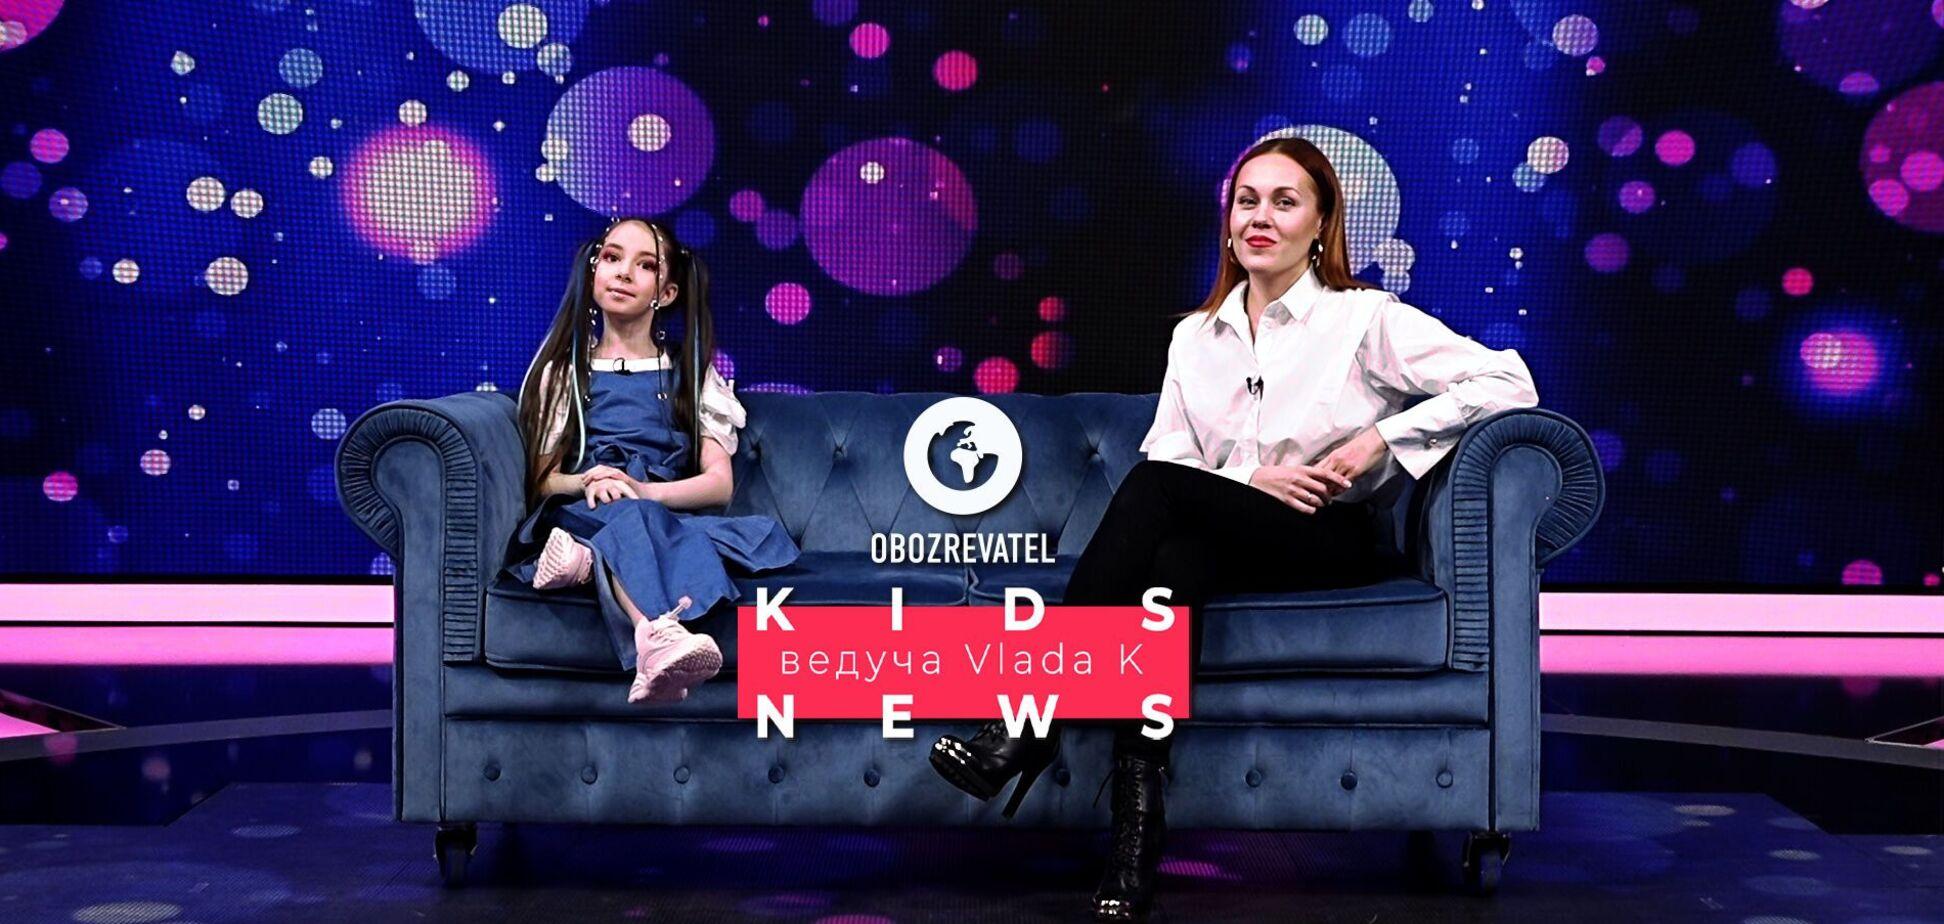 О том, как проходили съемки нового мистического клипа – певица Alyosha в новом выпуске 'Kids News' с Vlada K!